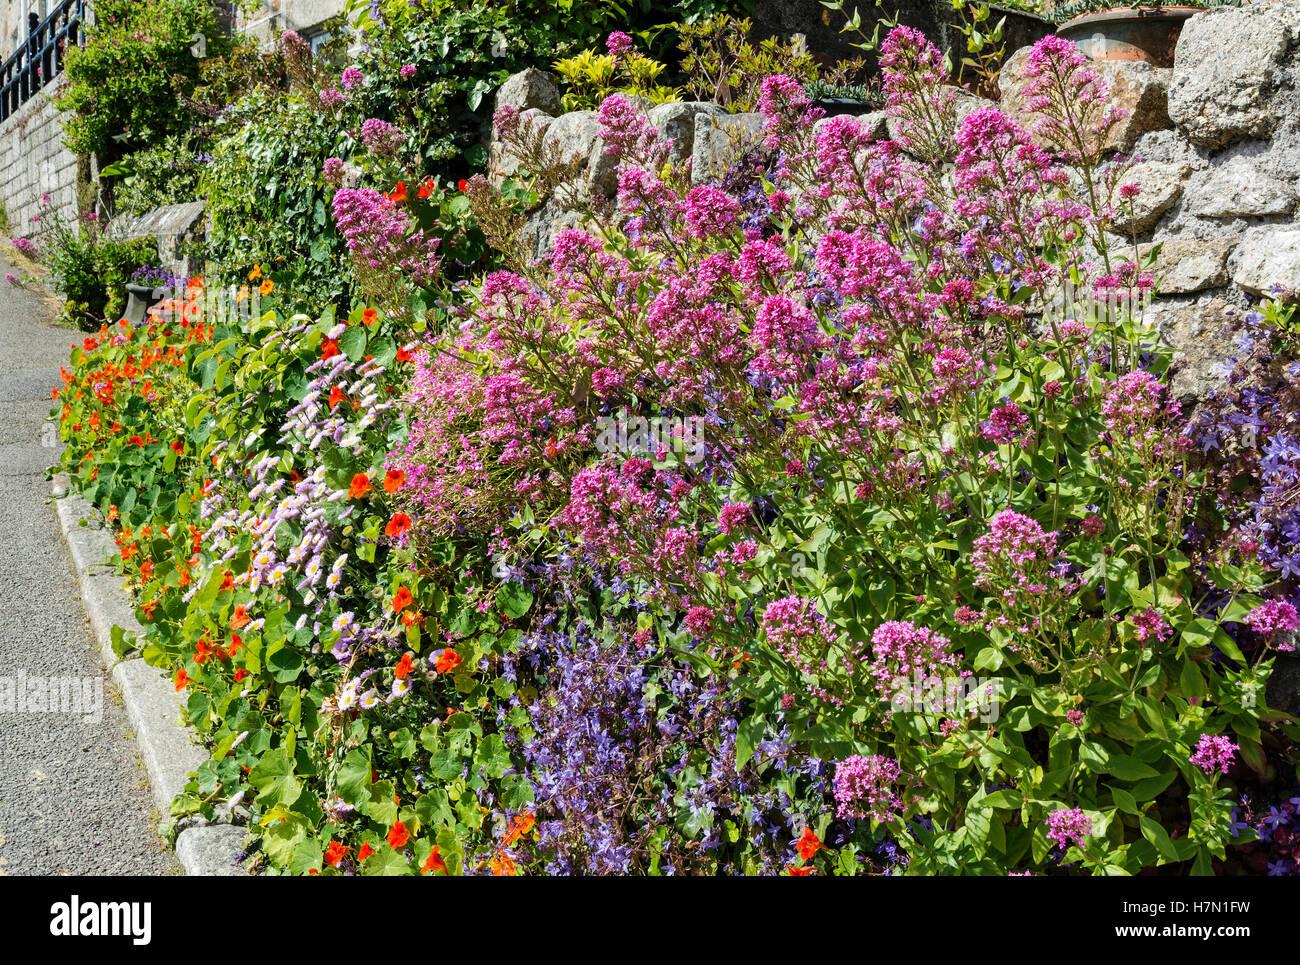 Garden Wall Cottage Garden Plants Stock Photos Garden Wall - Cottage garden plants